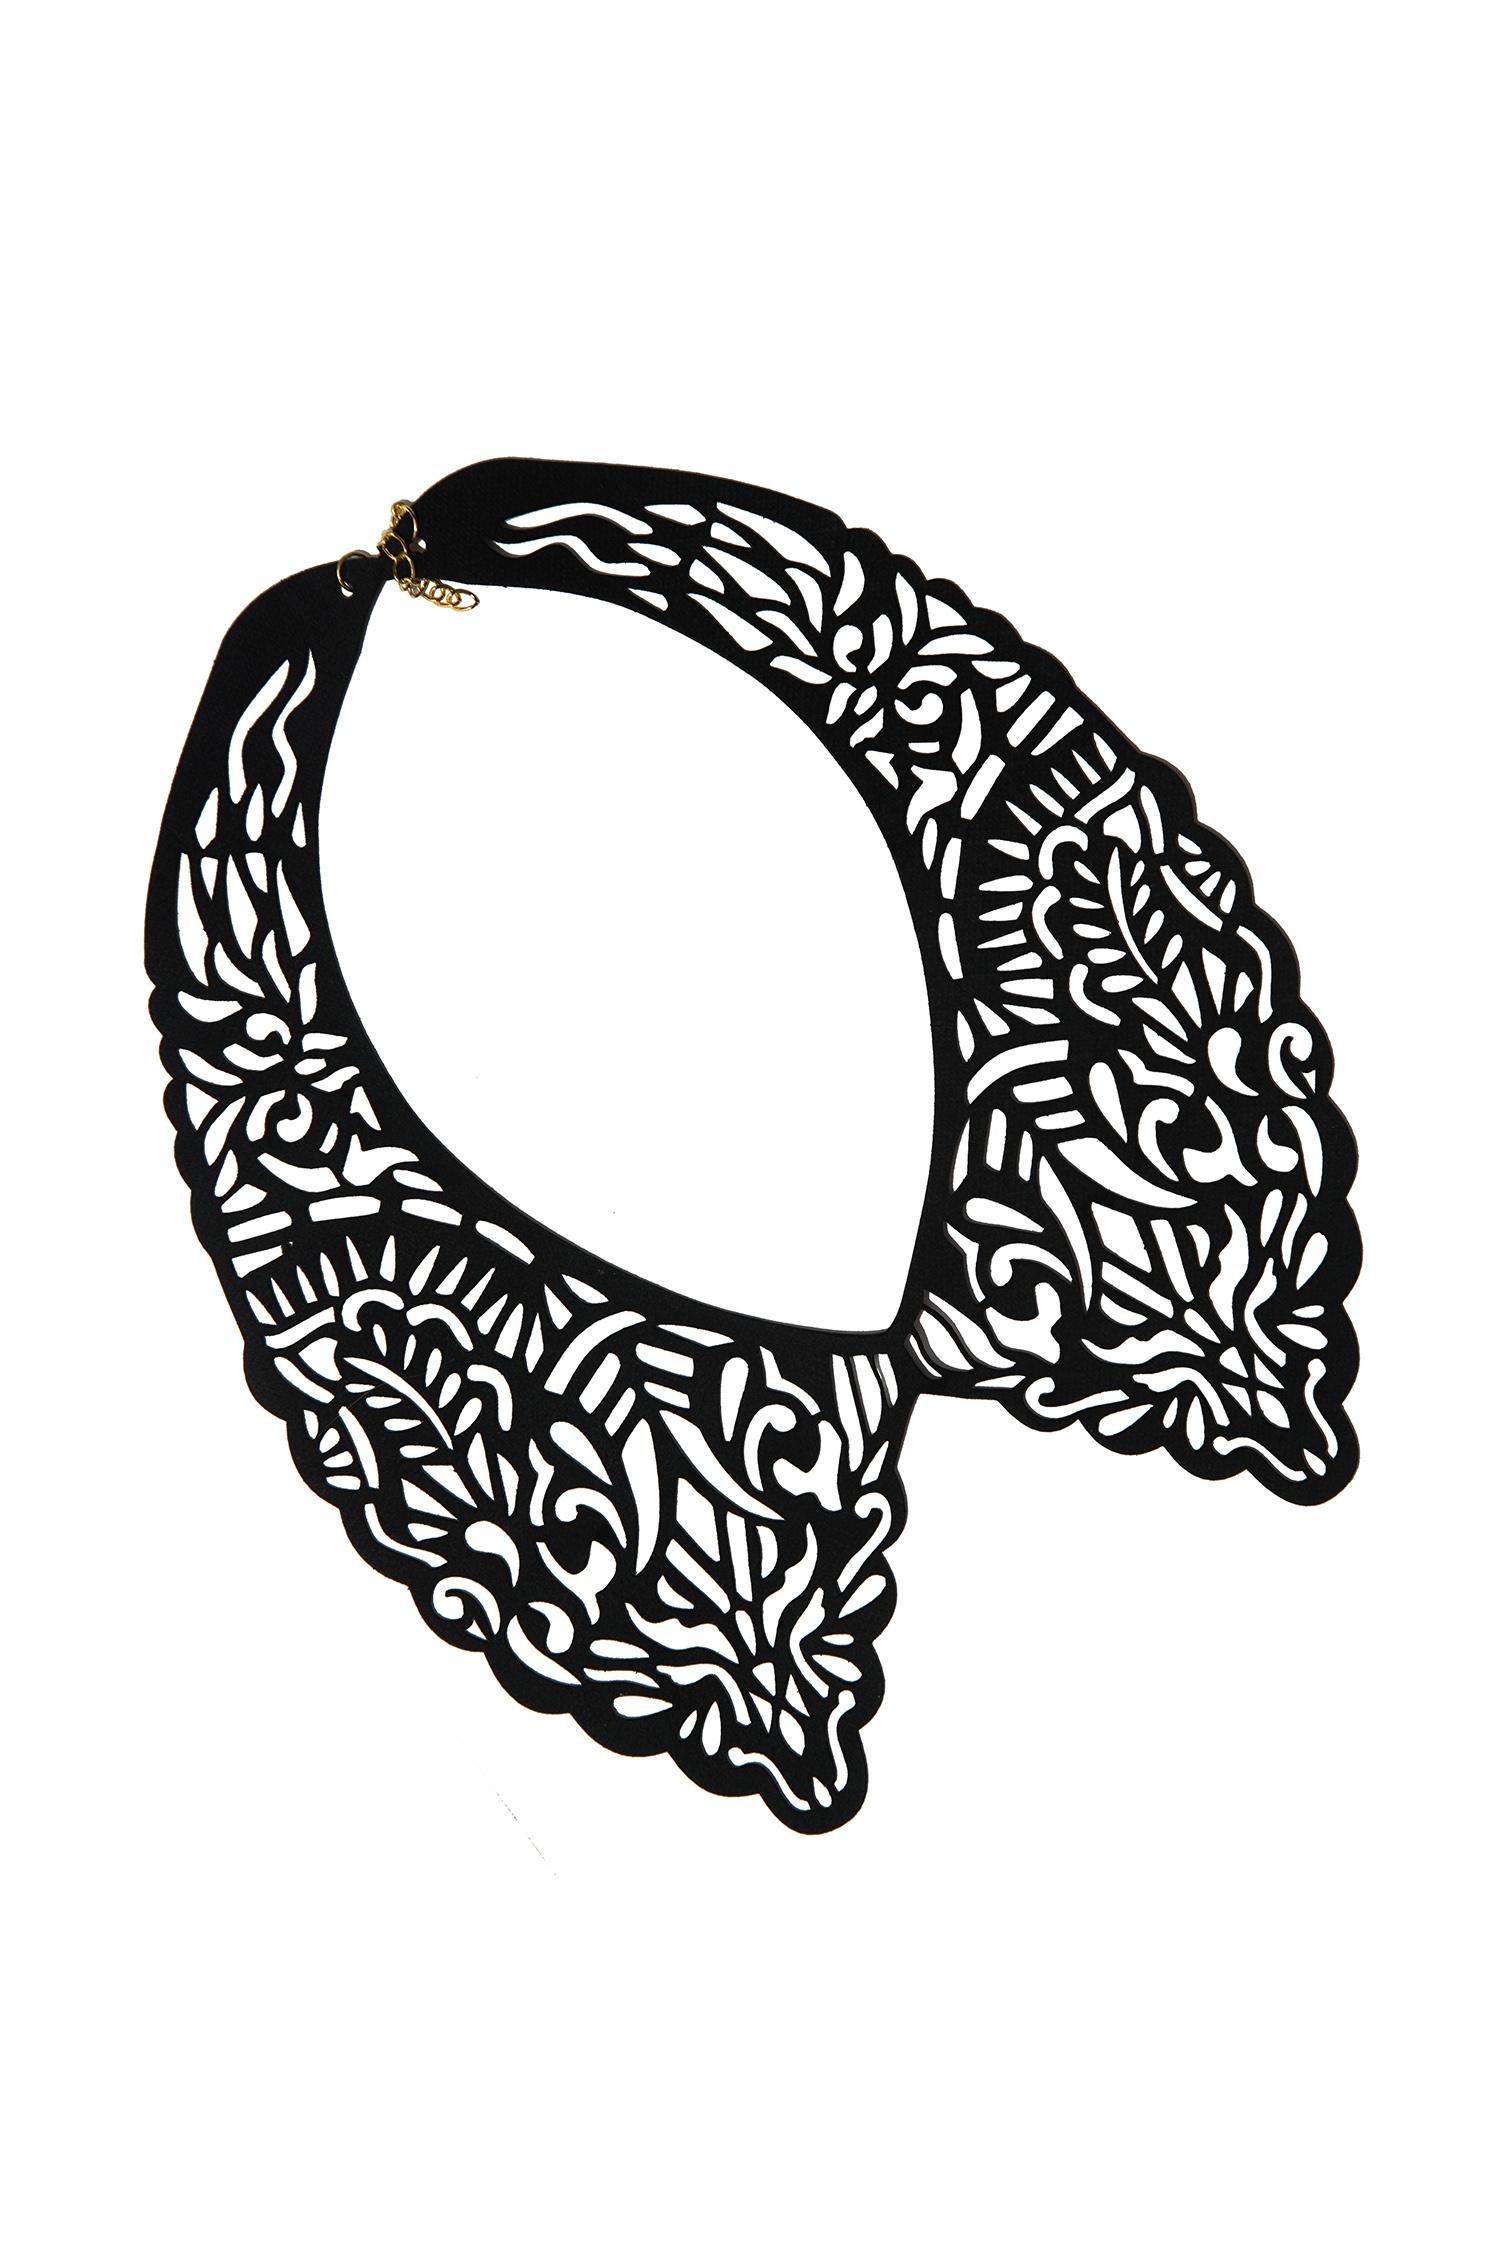 КольеОжерелья<br>Модное колье из кожи станет эффективным дополнением к вечернему платью, блузке или костюму.  Длина: 40 см, ширина: 9 см  Материал: натуральная кожа, металлическая фурнитура  Цвет: черный<br><br>По материалу: Кожа<br>По стилю: Повседневный стиль<br>Размер : UNI<br>Материал: Натуральная кожа<br>Количество в наличии: 3